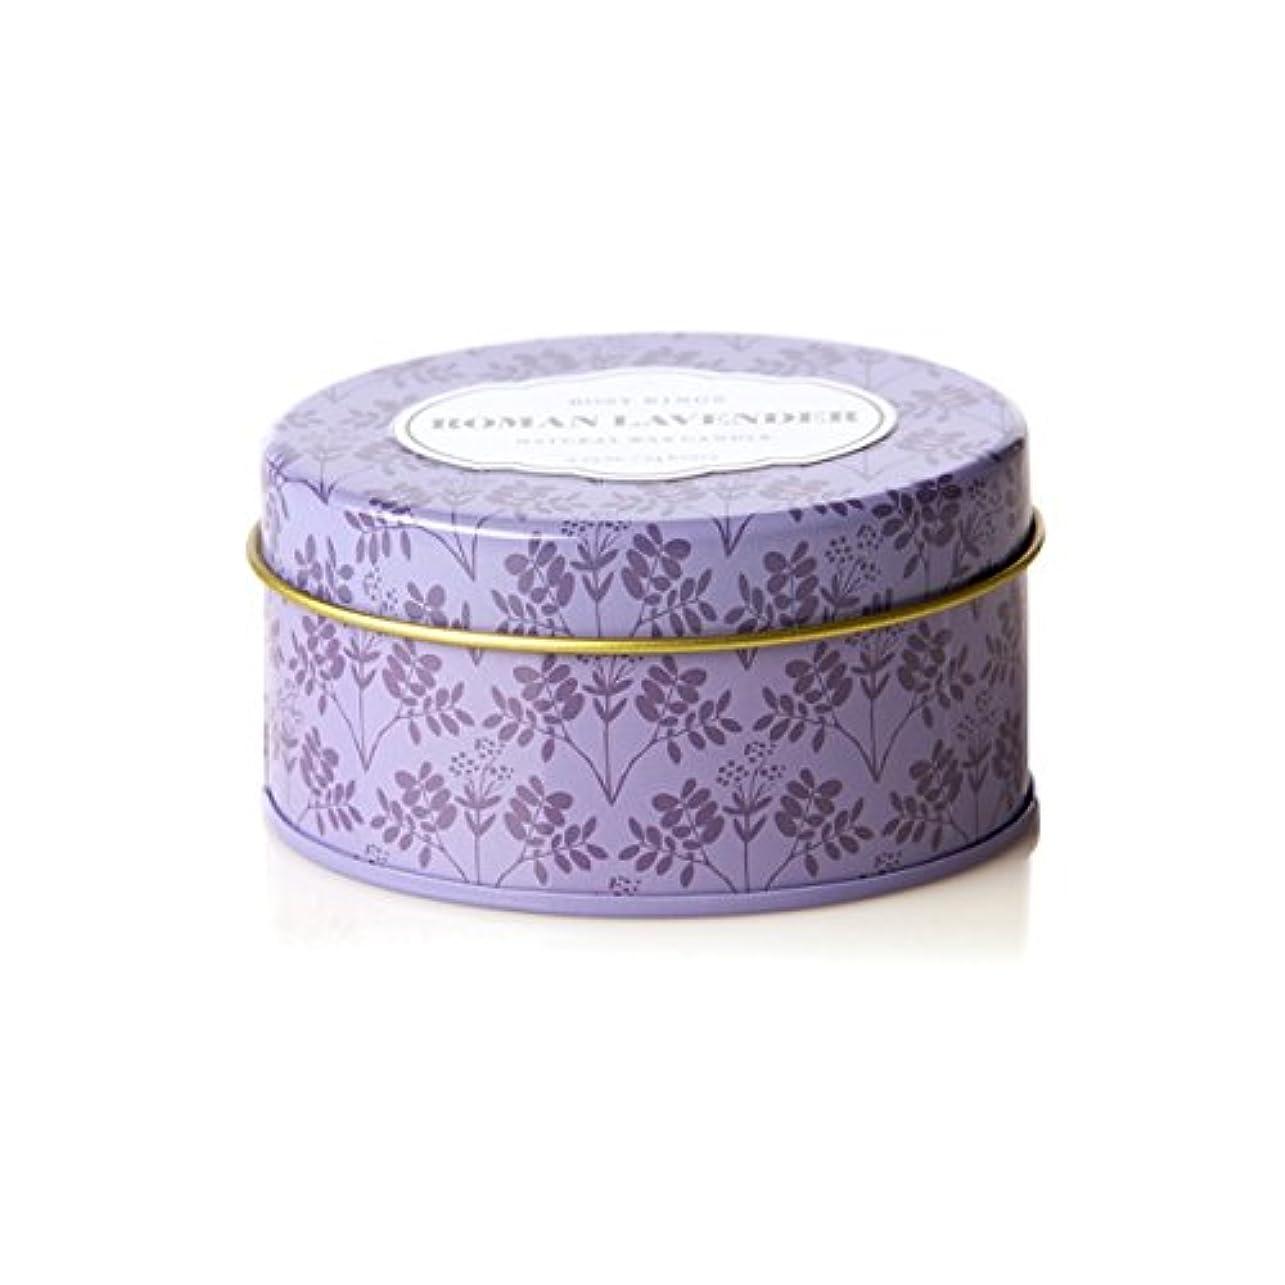 ジム不屈説得ロージーリングス トラベルティンキャンドル ロマンラベンダー ROSY RINGS Roman Lavender Travel Tin